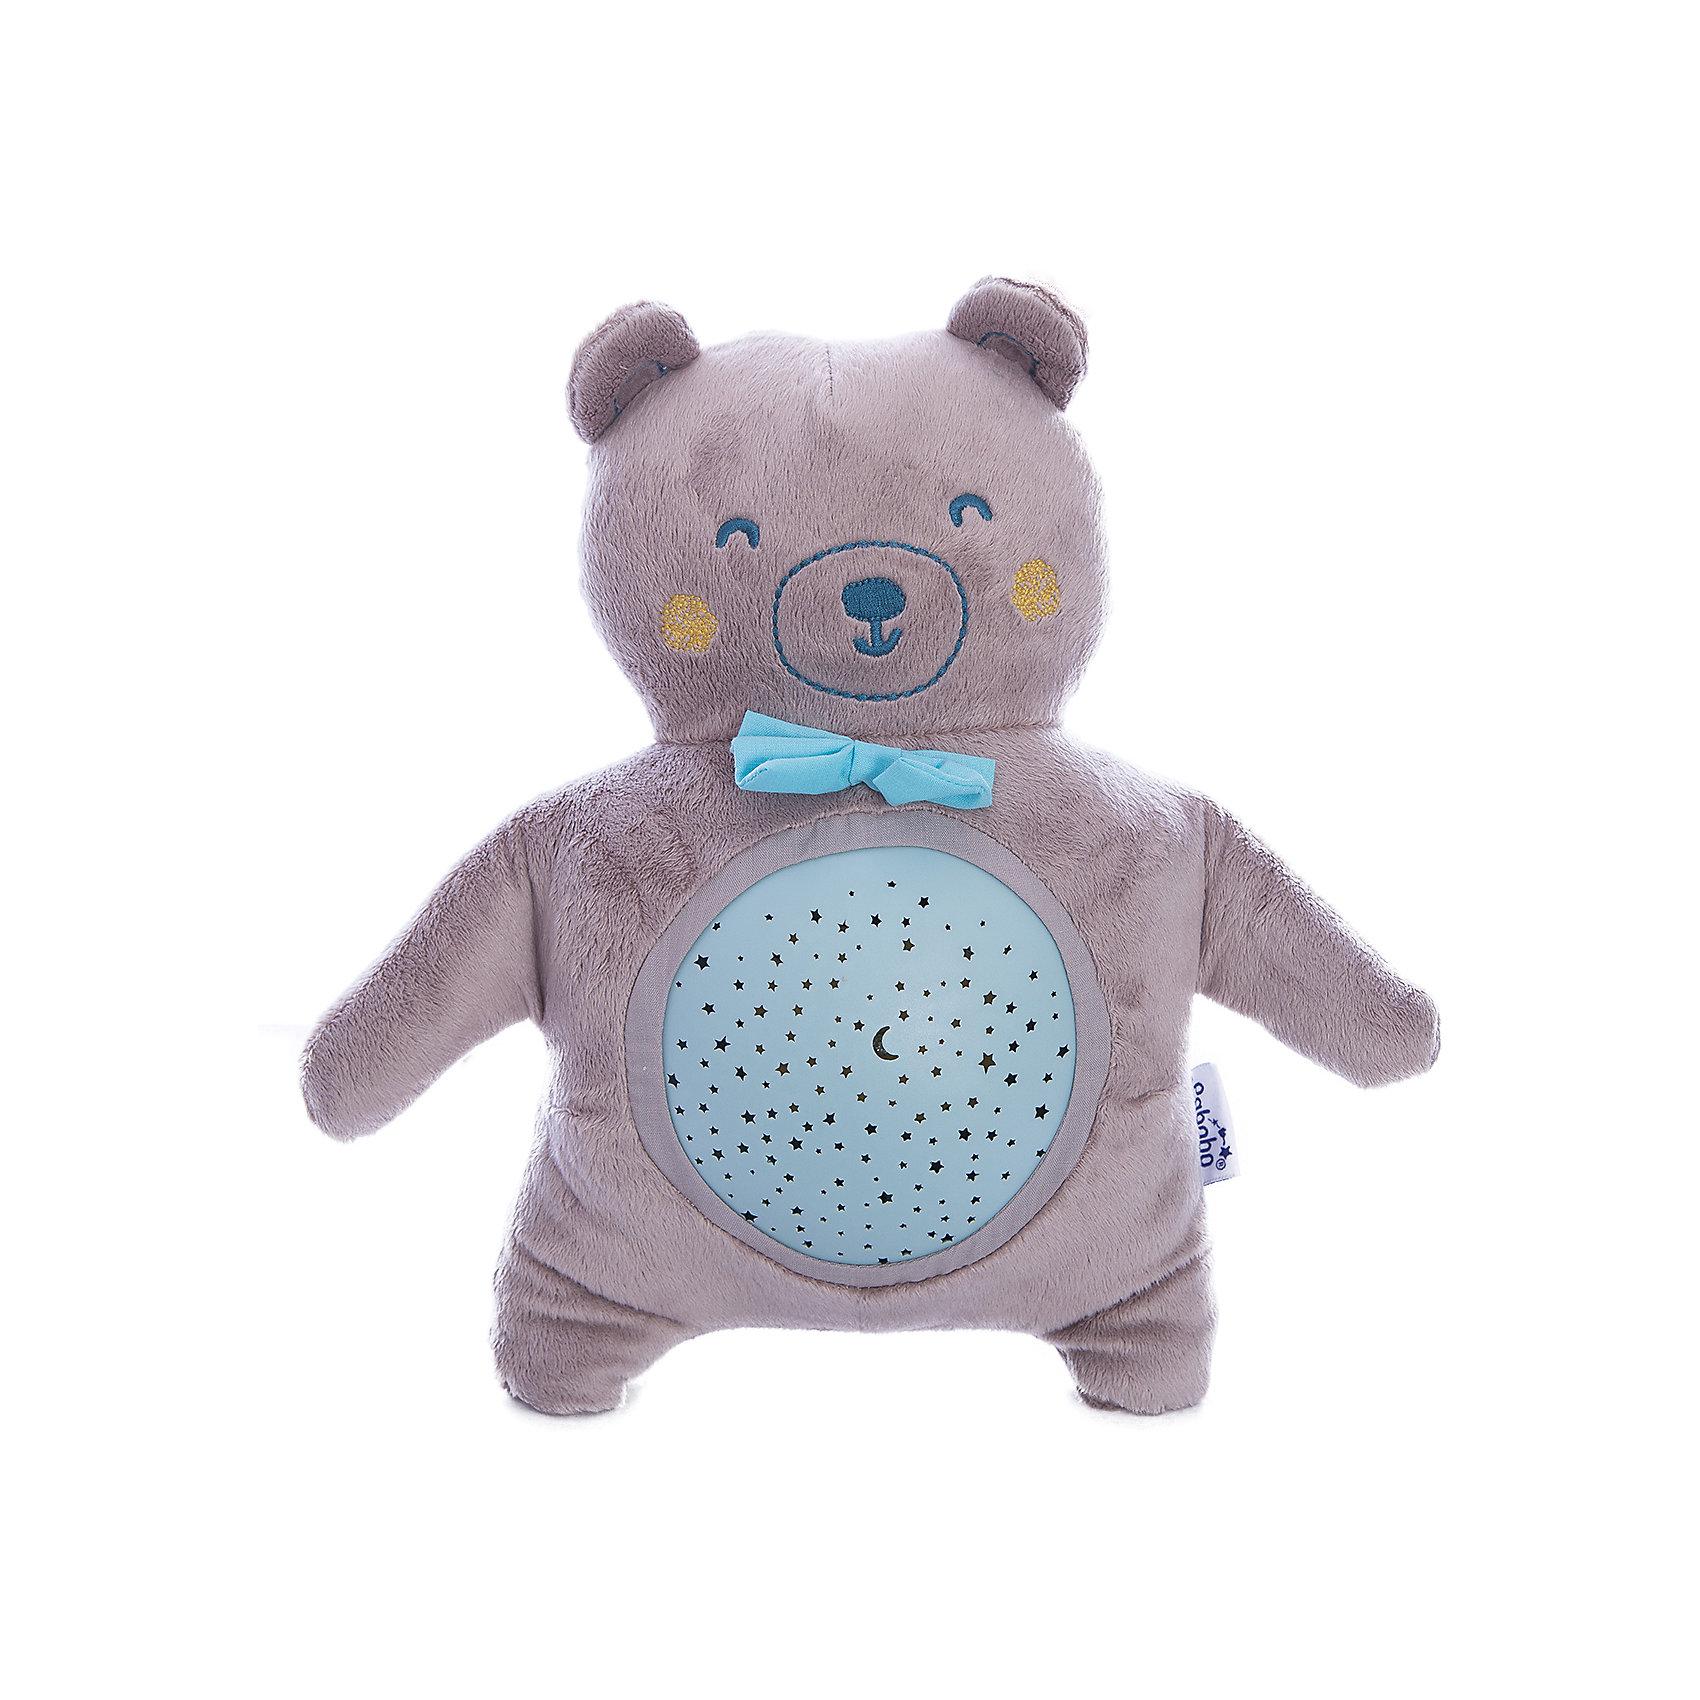 Ночник МедвежонокНочники и проекторы<br>Характеристики:<br><br>• Пол: для мальчика<br>• Форма светильника: медвежонок<br>• Цвет: серый, голубой<br>• Материал: пластик, текстиль<br>• Мягкий рассеянный свет<br>• Во время работы не нагревается<br>• 15 минут звучания музыки<br>• 22 минуты непрерывной проекции звездного неба<br>• Функция адаптации к уровню естественного освещения<br>• Съемный проектор<br>• Батарейки: 3 шт. типа AA/LR6 ( в комплекте не предусмотрены)<br>• Способ зарядки: USB кабель<br>• Размеры: 32*10,5*18 см<br>• Вес: 200 г <br>• Особенности ухода: допускается сухая и влажная чистка<br><br>Ночник Медвежонок от французского торгового бренда, который занимается производством детских светильников и проекторов. При изготовлении используются качественные и безопасные материалы, которые характеризуются длительным сроком службы. Пластик, из которого изготовлен ночник, устойчив к повреждениям и появлению царапин, не имеет запаха. <br><br>Светильник оснащен светодиодными лампами, которые не нужно менять. Степень яркости автоматически регулируется в зависимости от естественного освещения. У него компактный размер и легкий вес. У светильника предусмотрен режим проекции звездного неба и режим проигрывания музыки. Предусмотрена функция автоматического включения-выключения. Ночника оснащен функция смены цвета освещения. Выполнен в виде плюшевого мишки со съемным проектором, что делает его не только практичным предметом, но и любимой детской игрушкой.<br><br>Ночник Медвежонок можно купить в нашем интернет-магазине.<br><br>Ширина мм: 180<br>Глубина мм: 105<br>Высота мм: 320<br>Вес г: 250<br>Возраст от месяцев: 0<br>Возраст до месяцев: 300<br>Пол: Унисекс<br>Возраст: Детский<br>SKU: 5482460